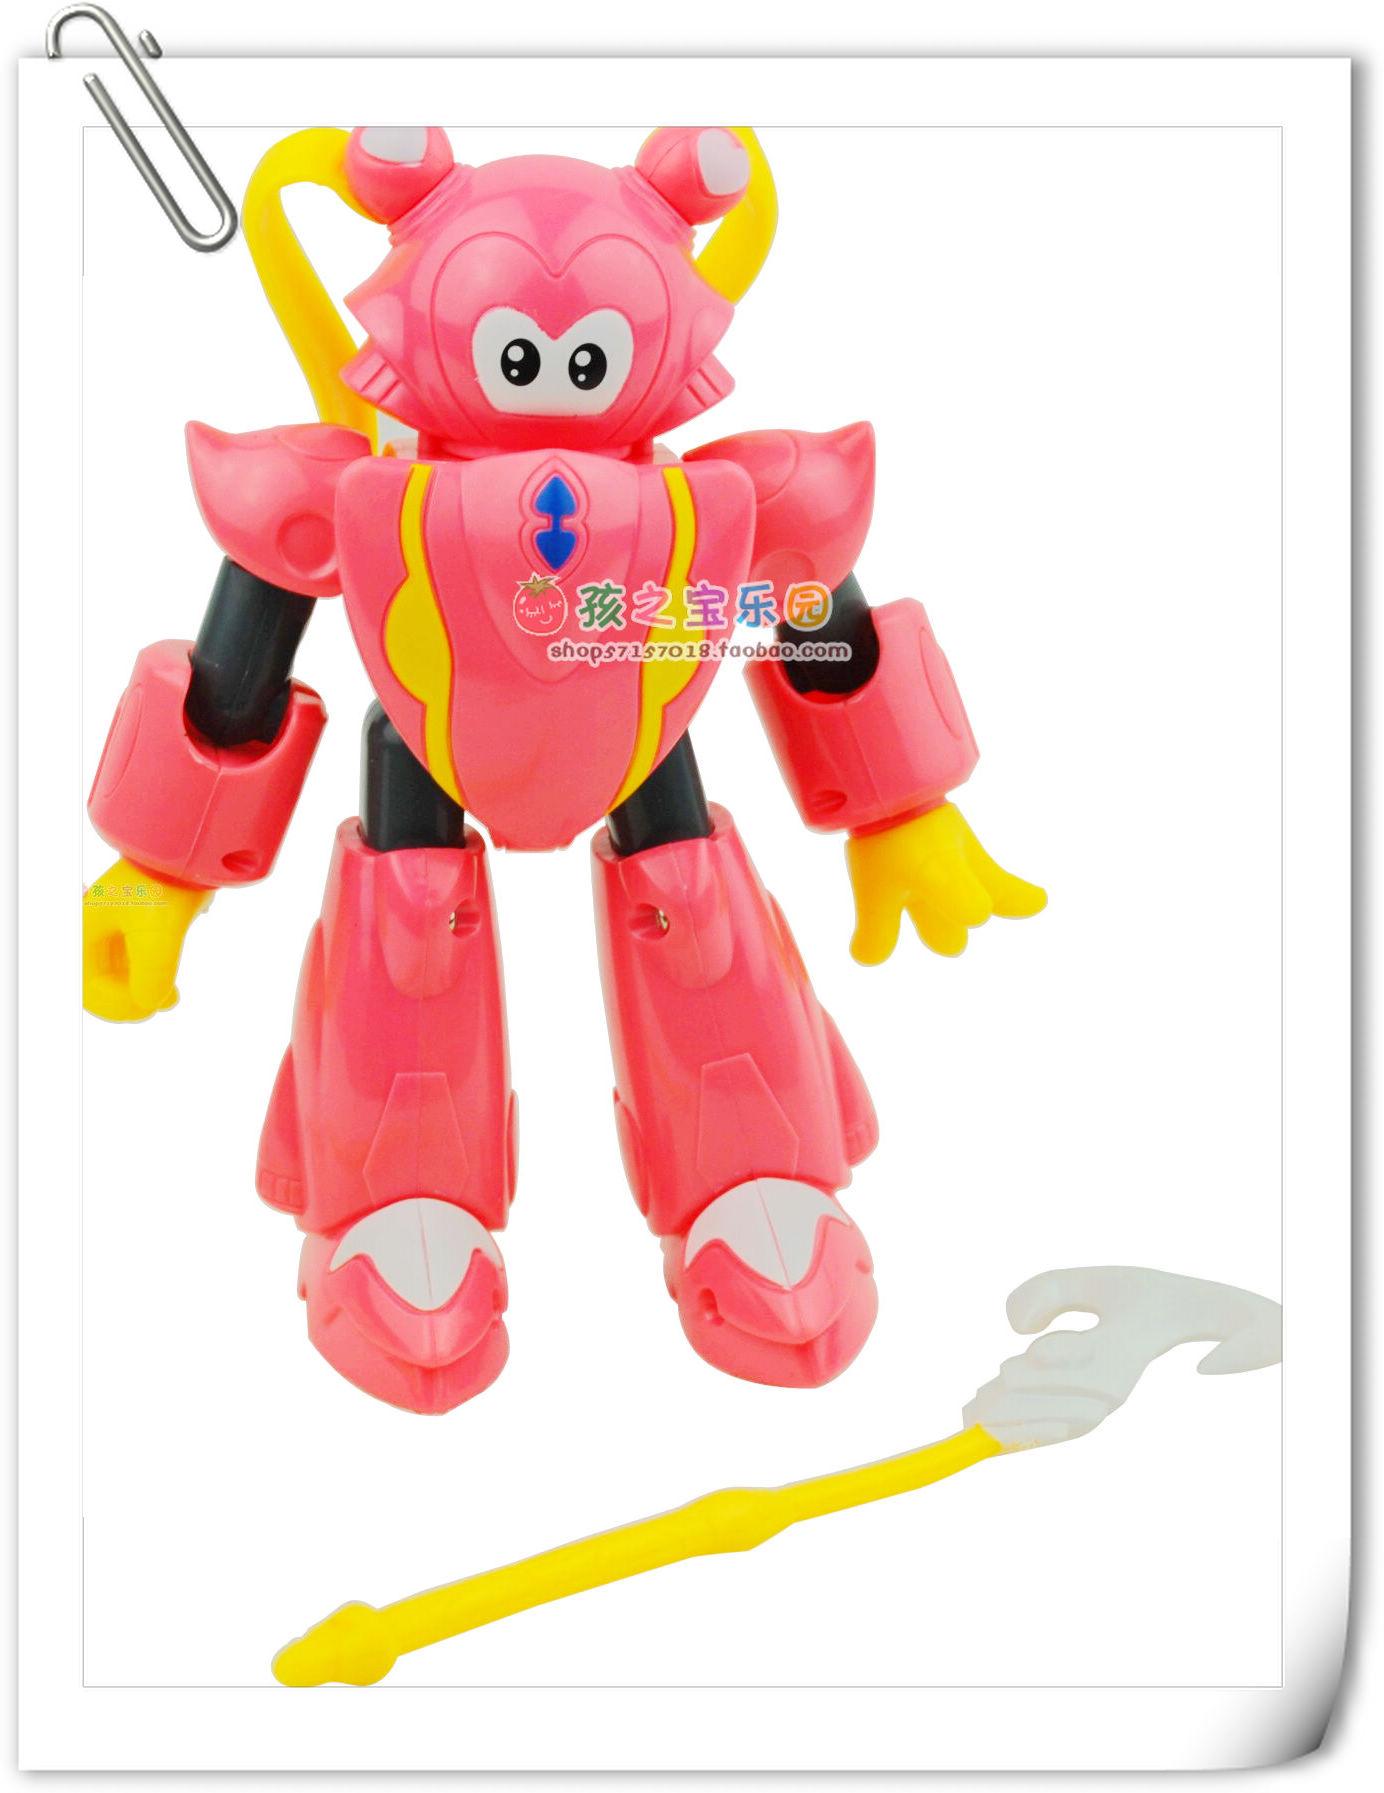 正品防伪钢甲卡卡龙玩具全套12款正版变形精灵兔120110吸塑版